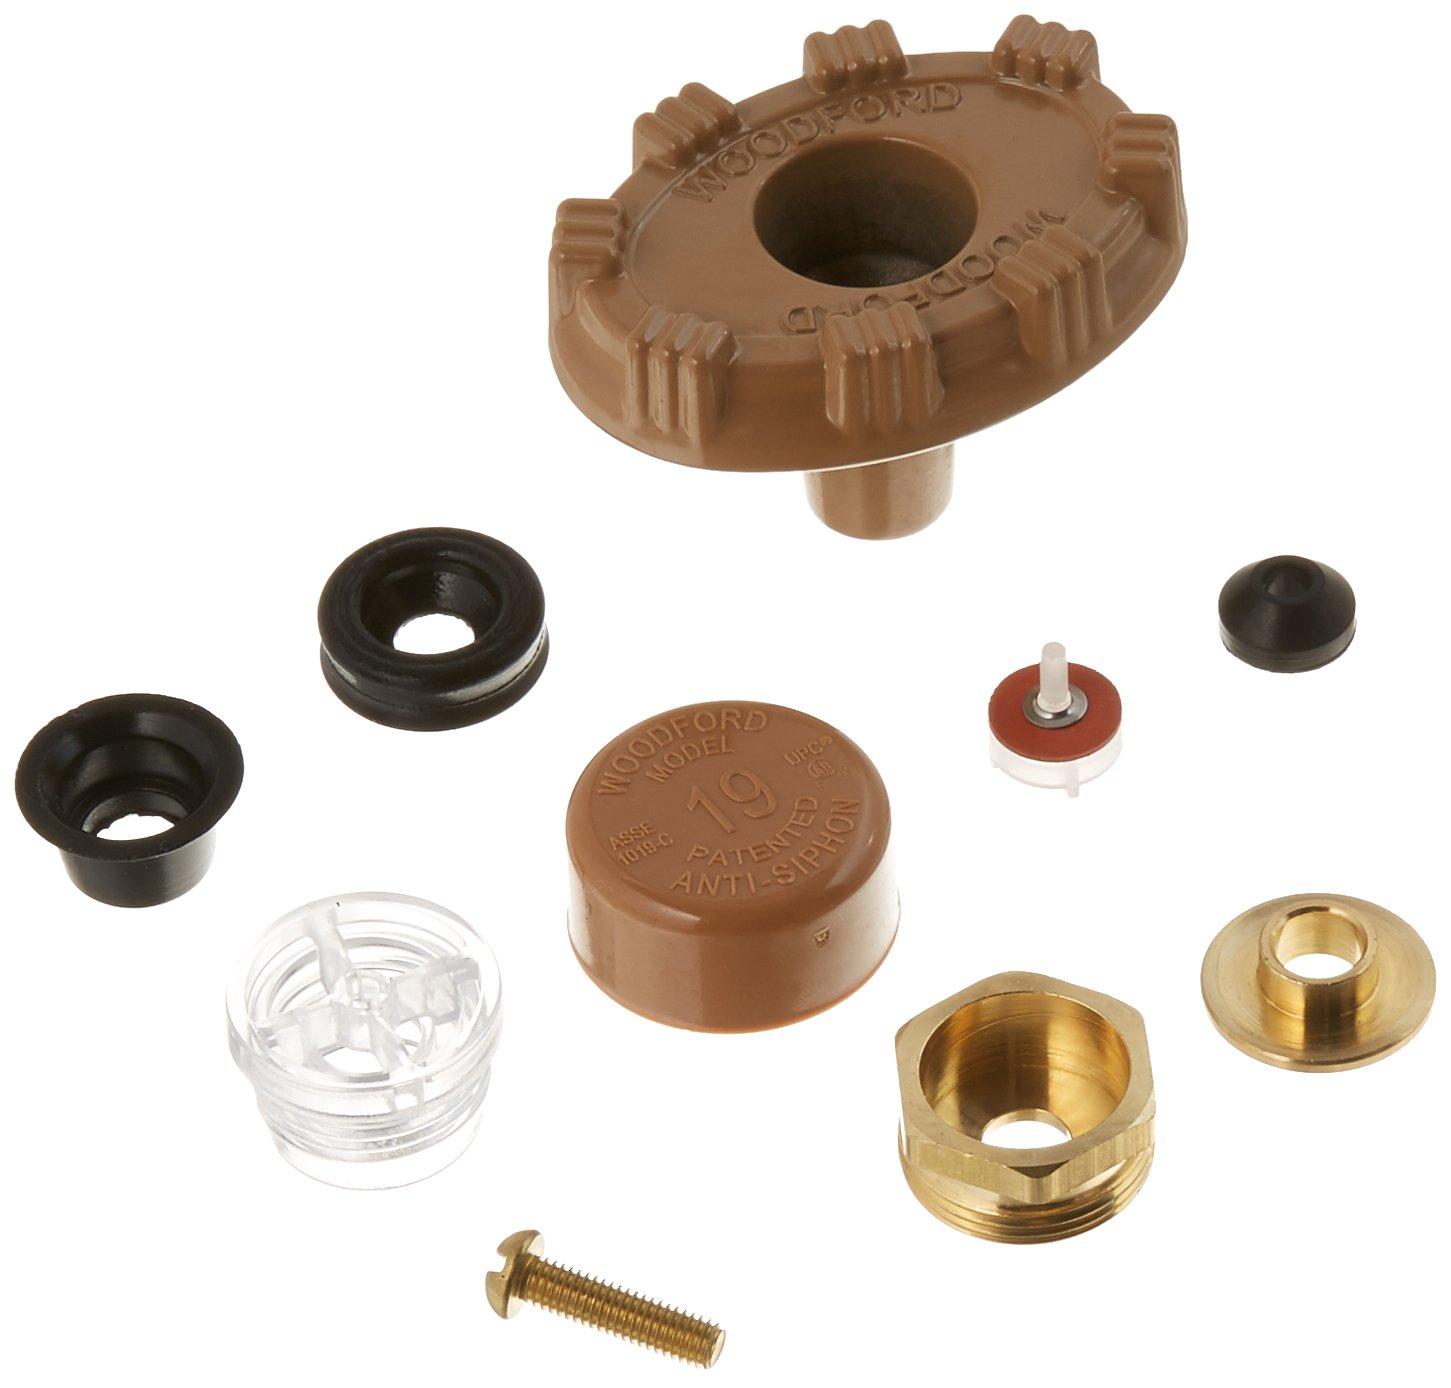 Woodford RK-19 Repair Kit - Faucet Trim Kits - Amazon.com